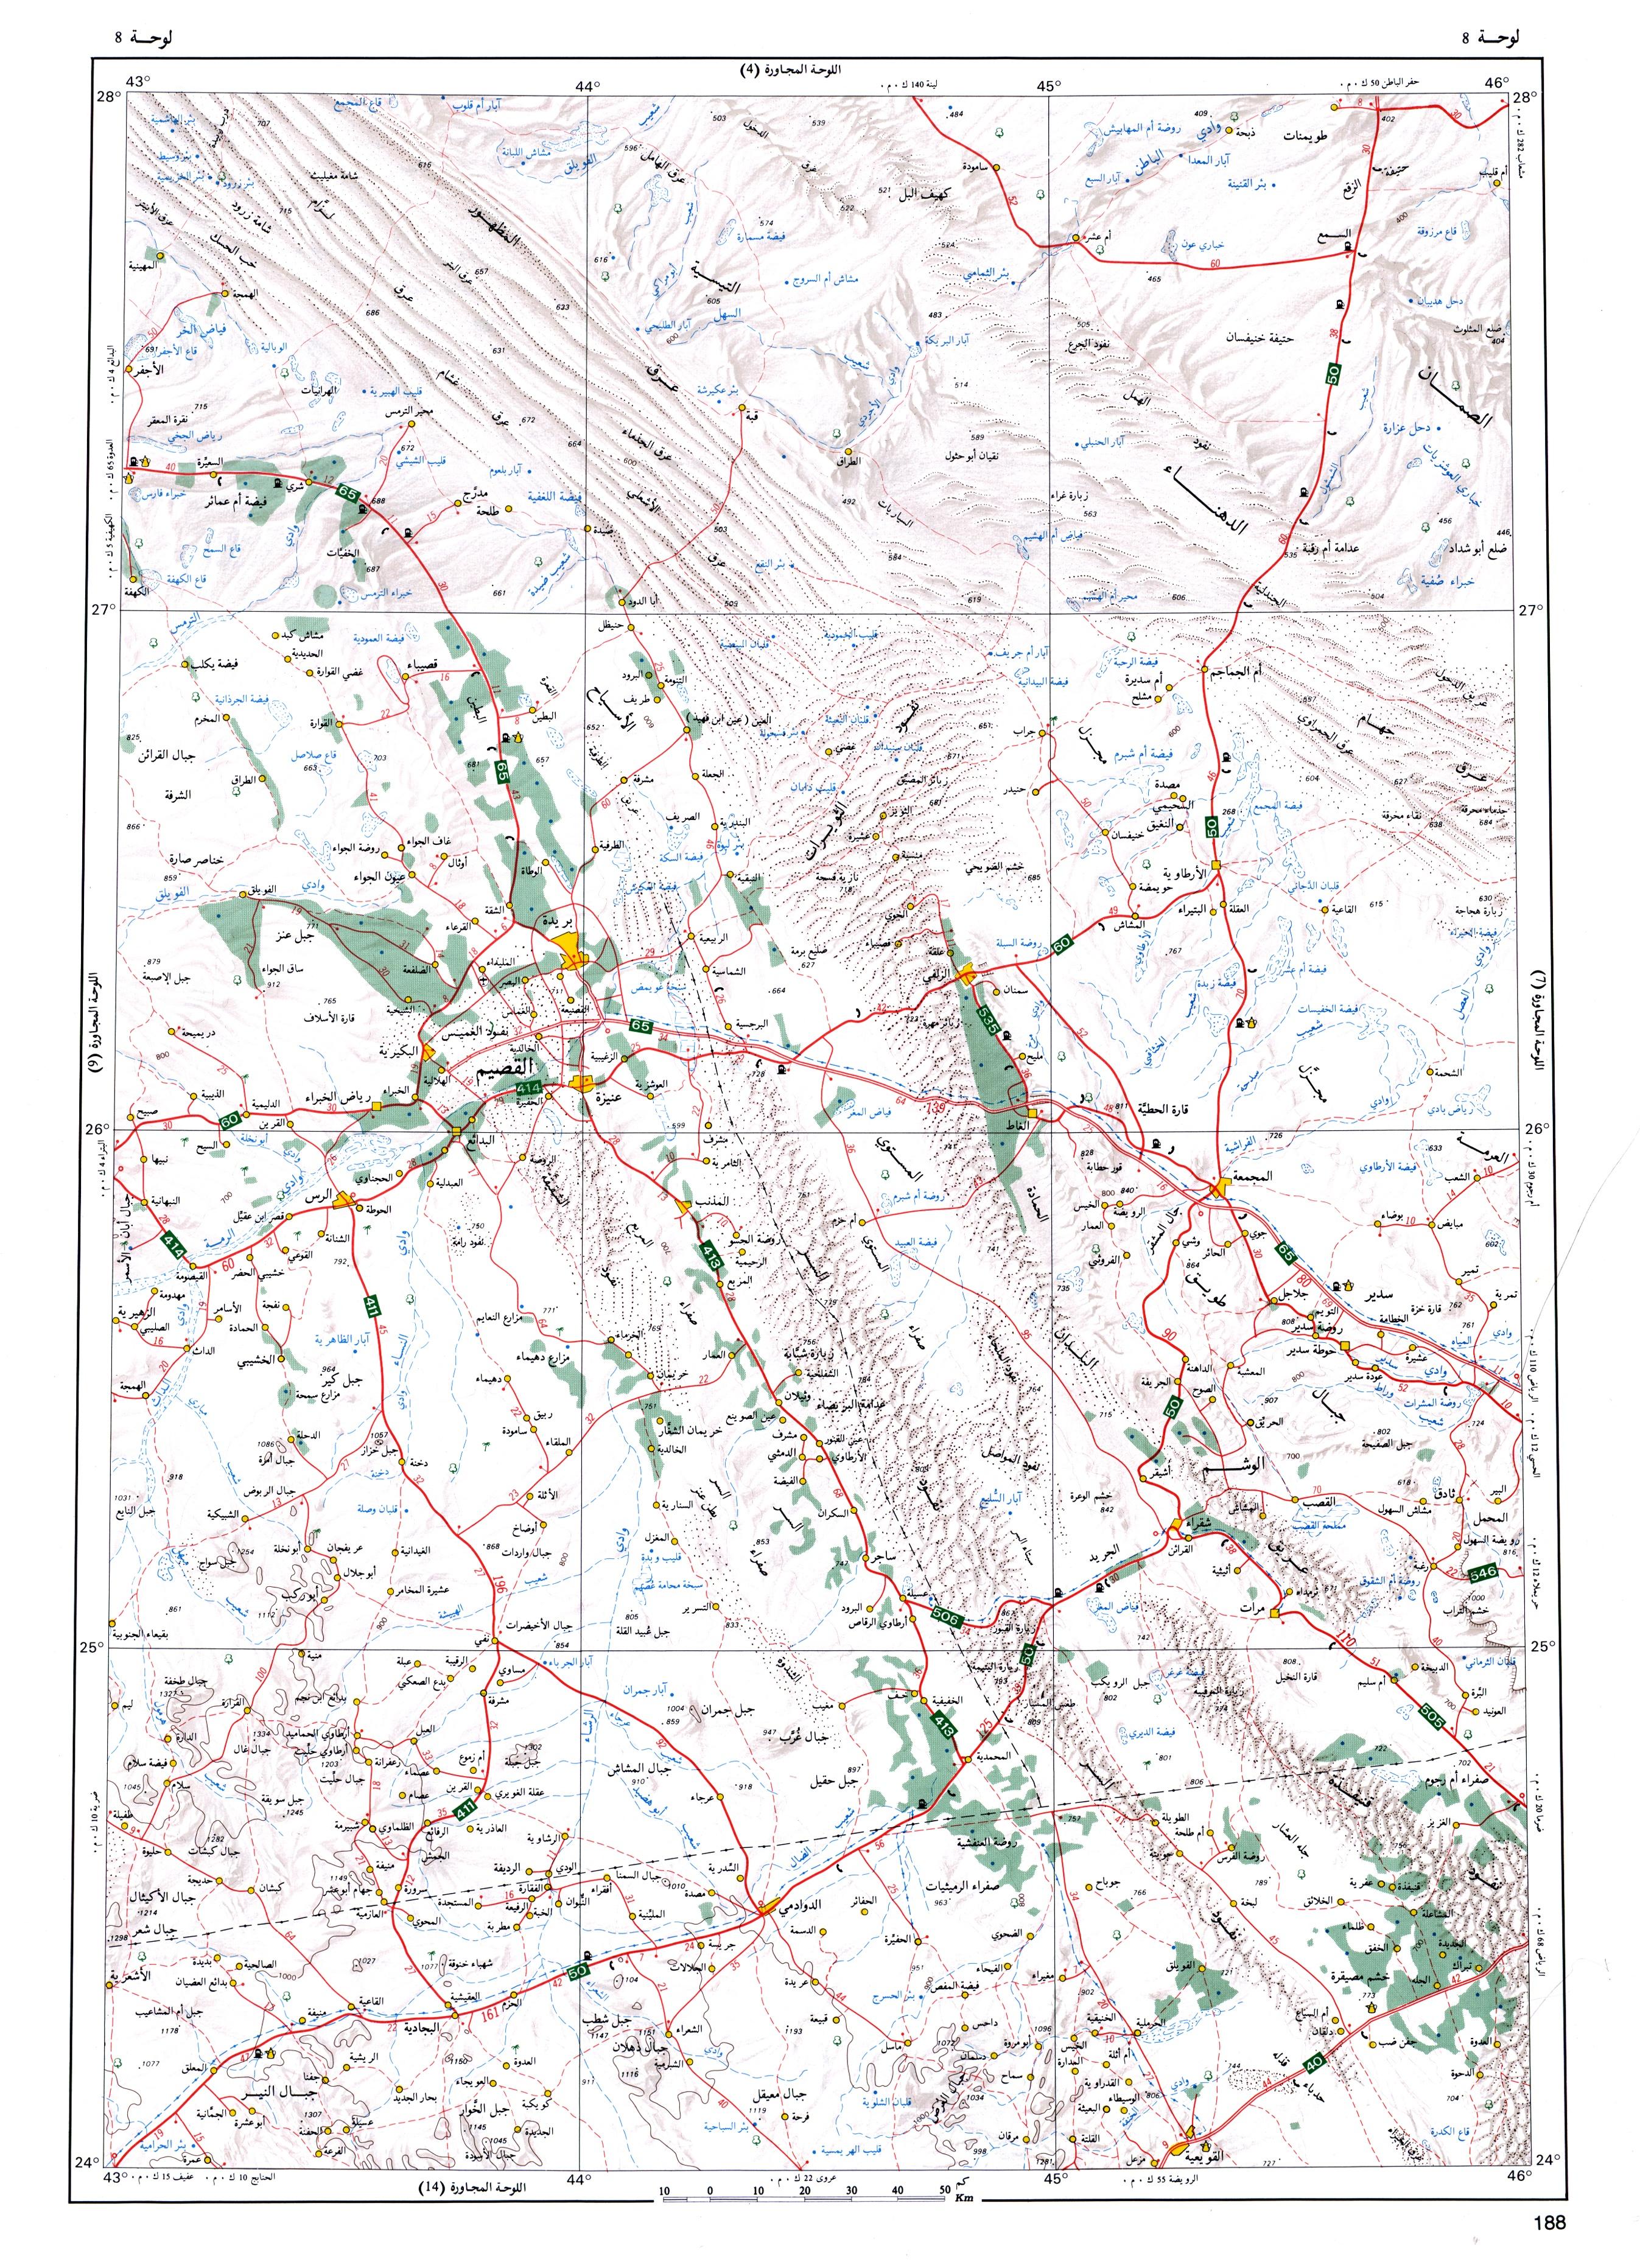 خرائط تفصيليه لمناطق اللمملكة العربية Fig-08.jpg